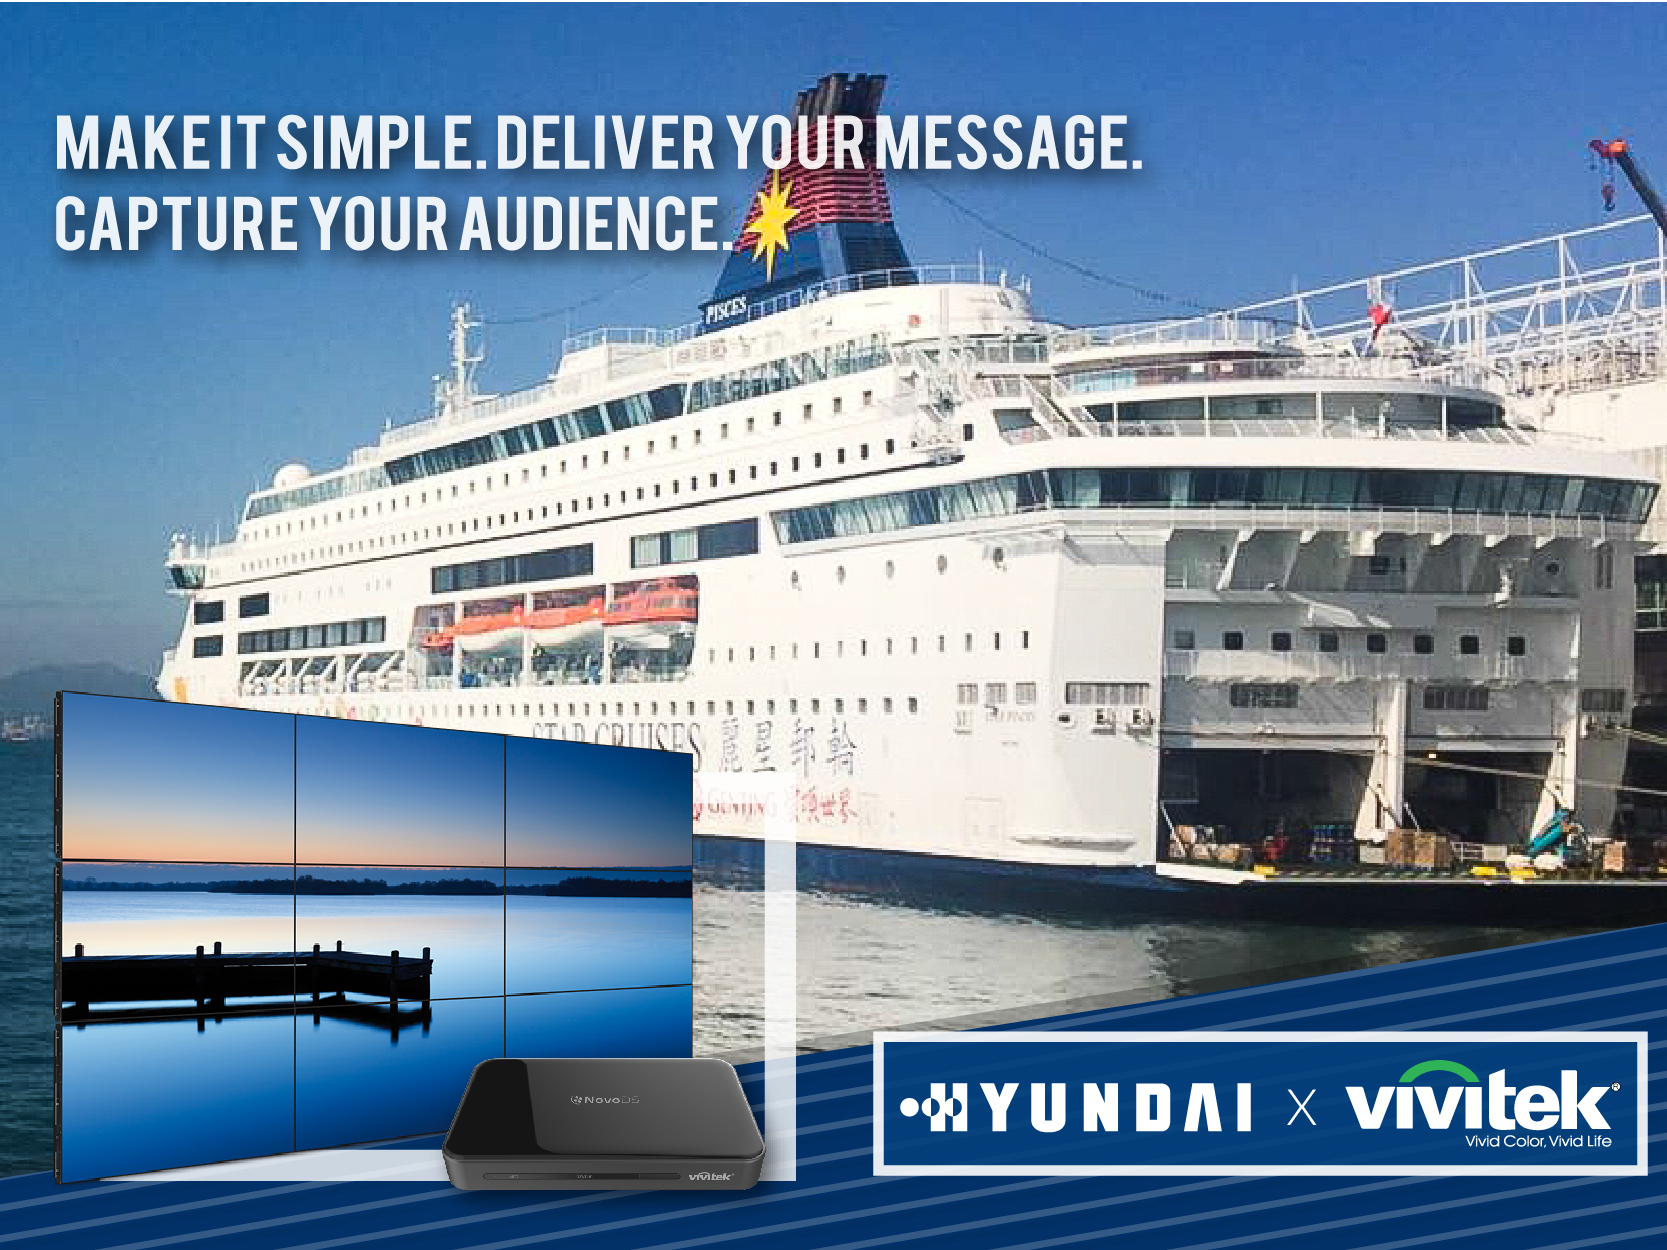 Cruise_Hyundai_VVT-18